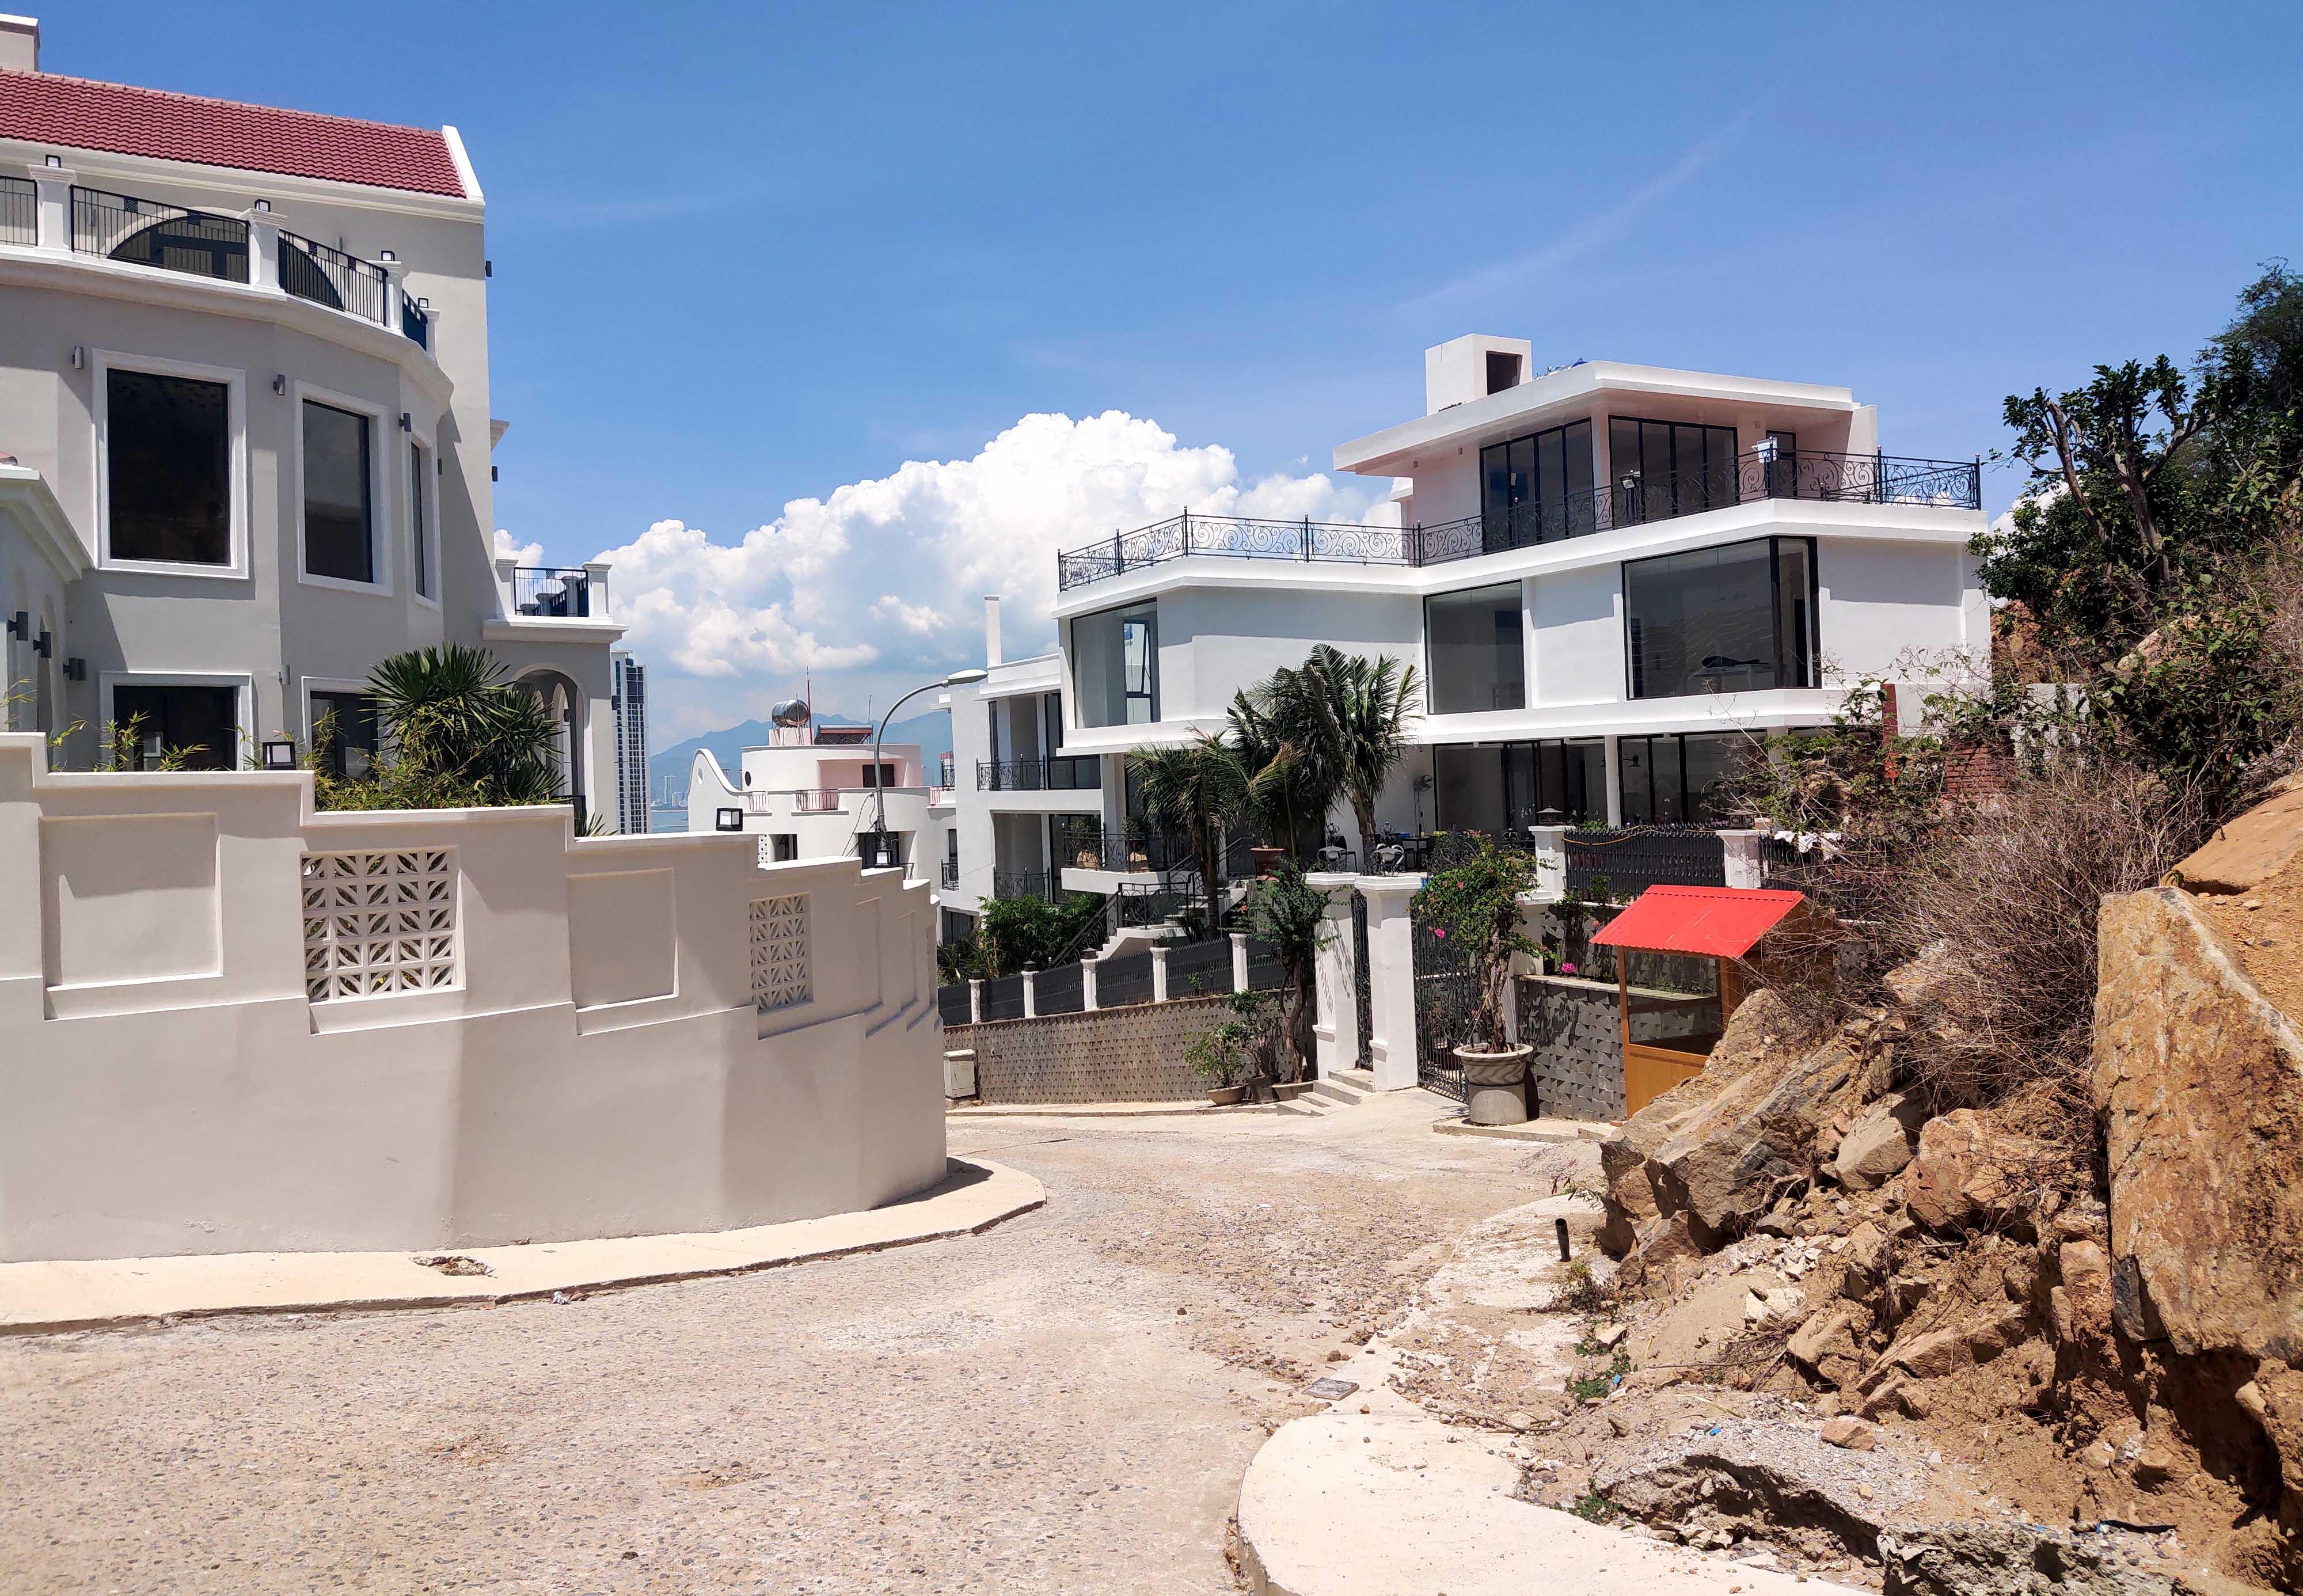 Cận cảnh khu biệt thự 'xây lụi' trên núi cô Tiên  - Ảnh 2.